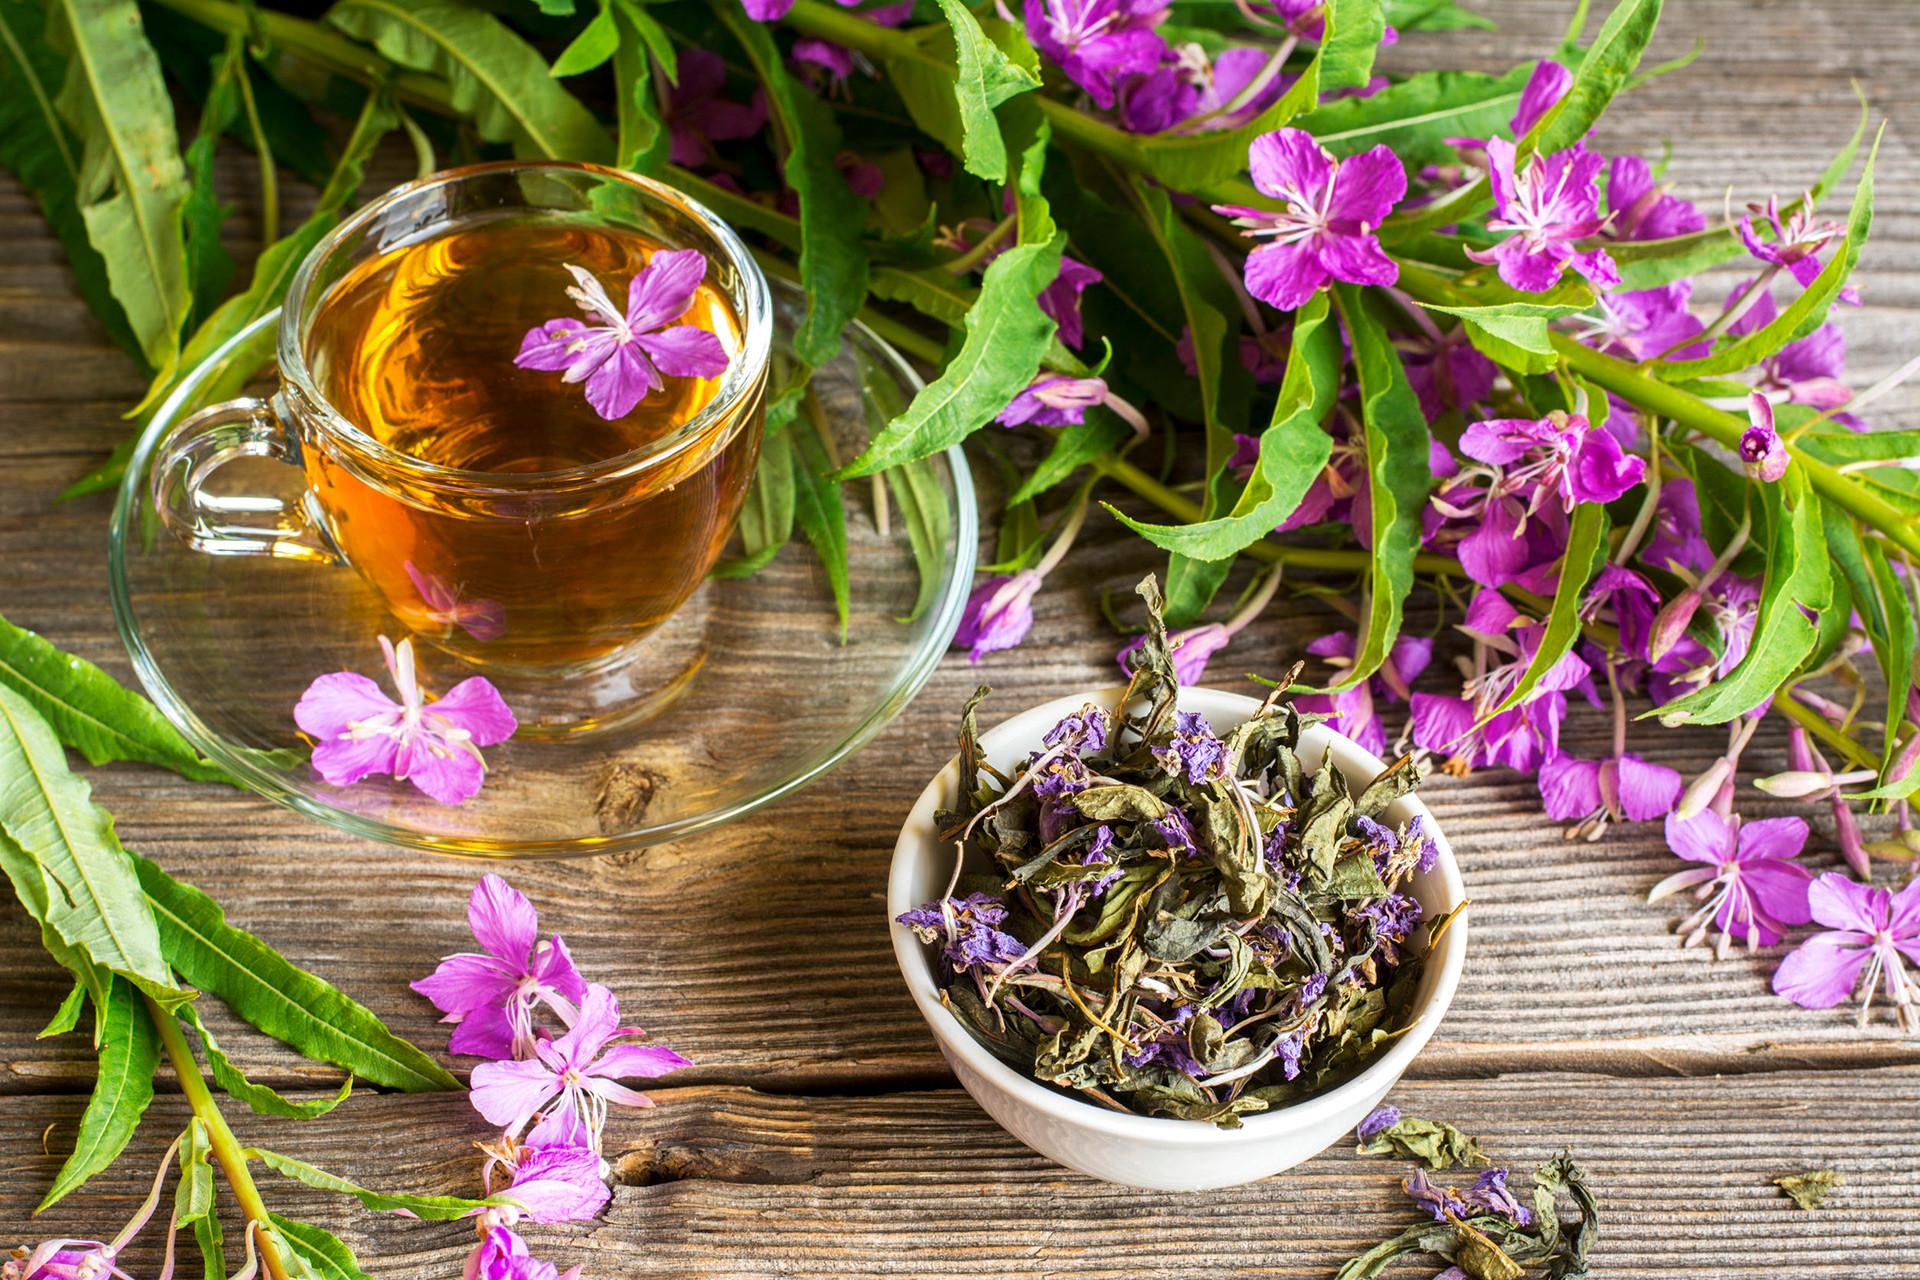 Иван-чай свежий, сухой и заваренный на деревянном столе